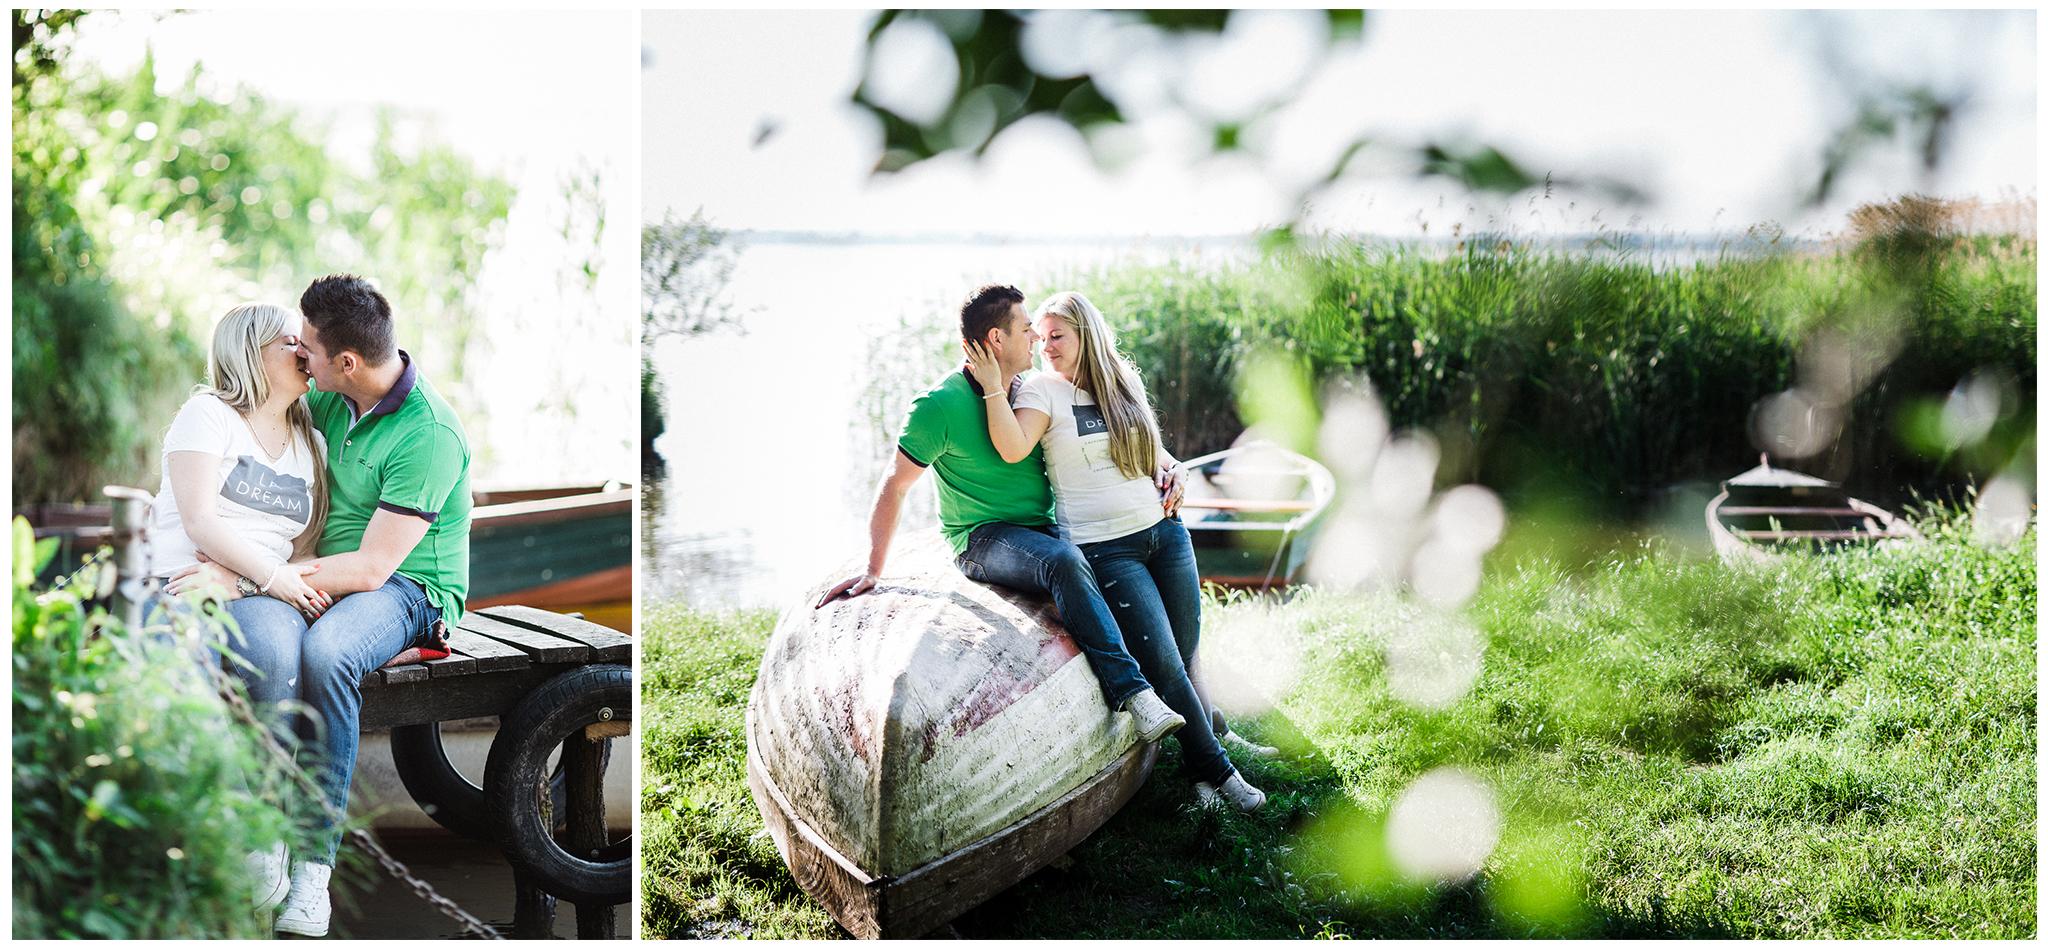 MONT_FylepPhoto, Esküvőfotós Vasmegye, Esküvő fotózás, Esküvői fotós, Körmend, Vas megye, Dunántúl, Budapest, Balaton, Fülöp Péter, Jegyes fotózás, jegyesfotó_Barb&Zoli,2018_13.jpg